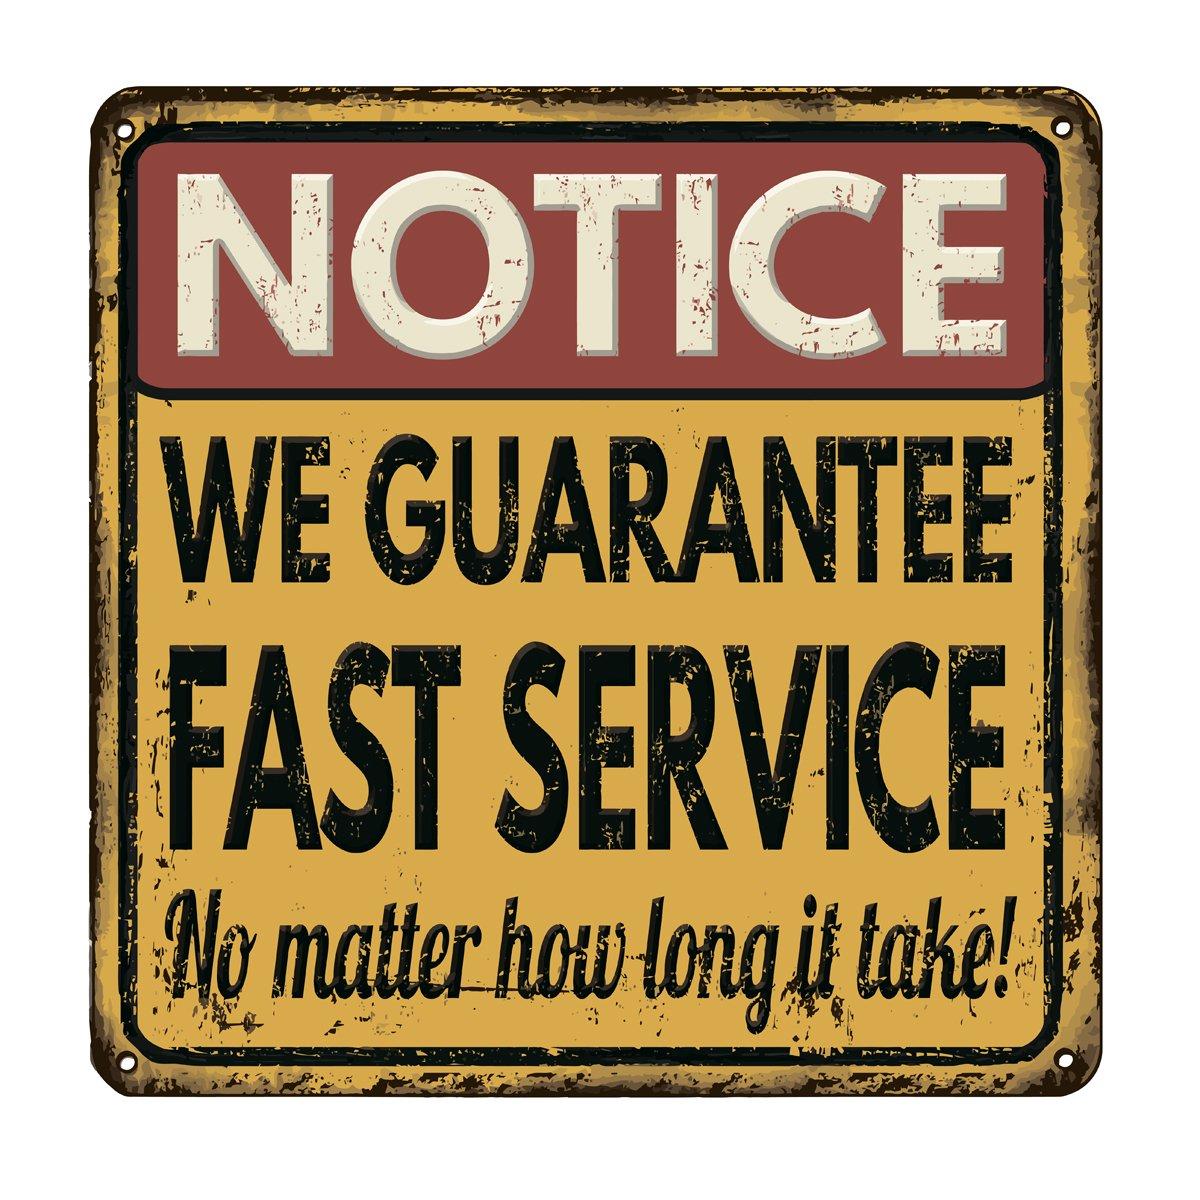 Постер-картина Смешные таблички Мы гарантируем быстрое обслуживание ретро гранж-постерСмешные таблички<br>Постер на холсте или бумаге. Любого нужного вам размера. В раме или без. Подвес в комплекте. Трехслойная надежная упаковка. Доставим в любую точку России. Вам осталось только повесить картину на стену!<br>